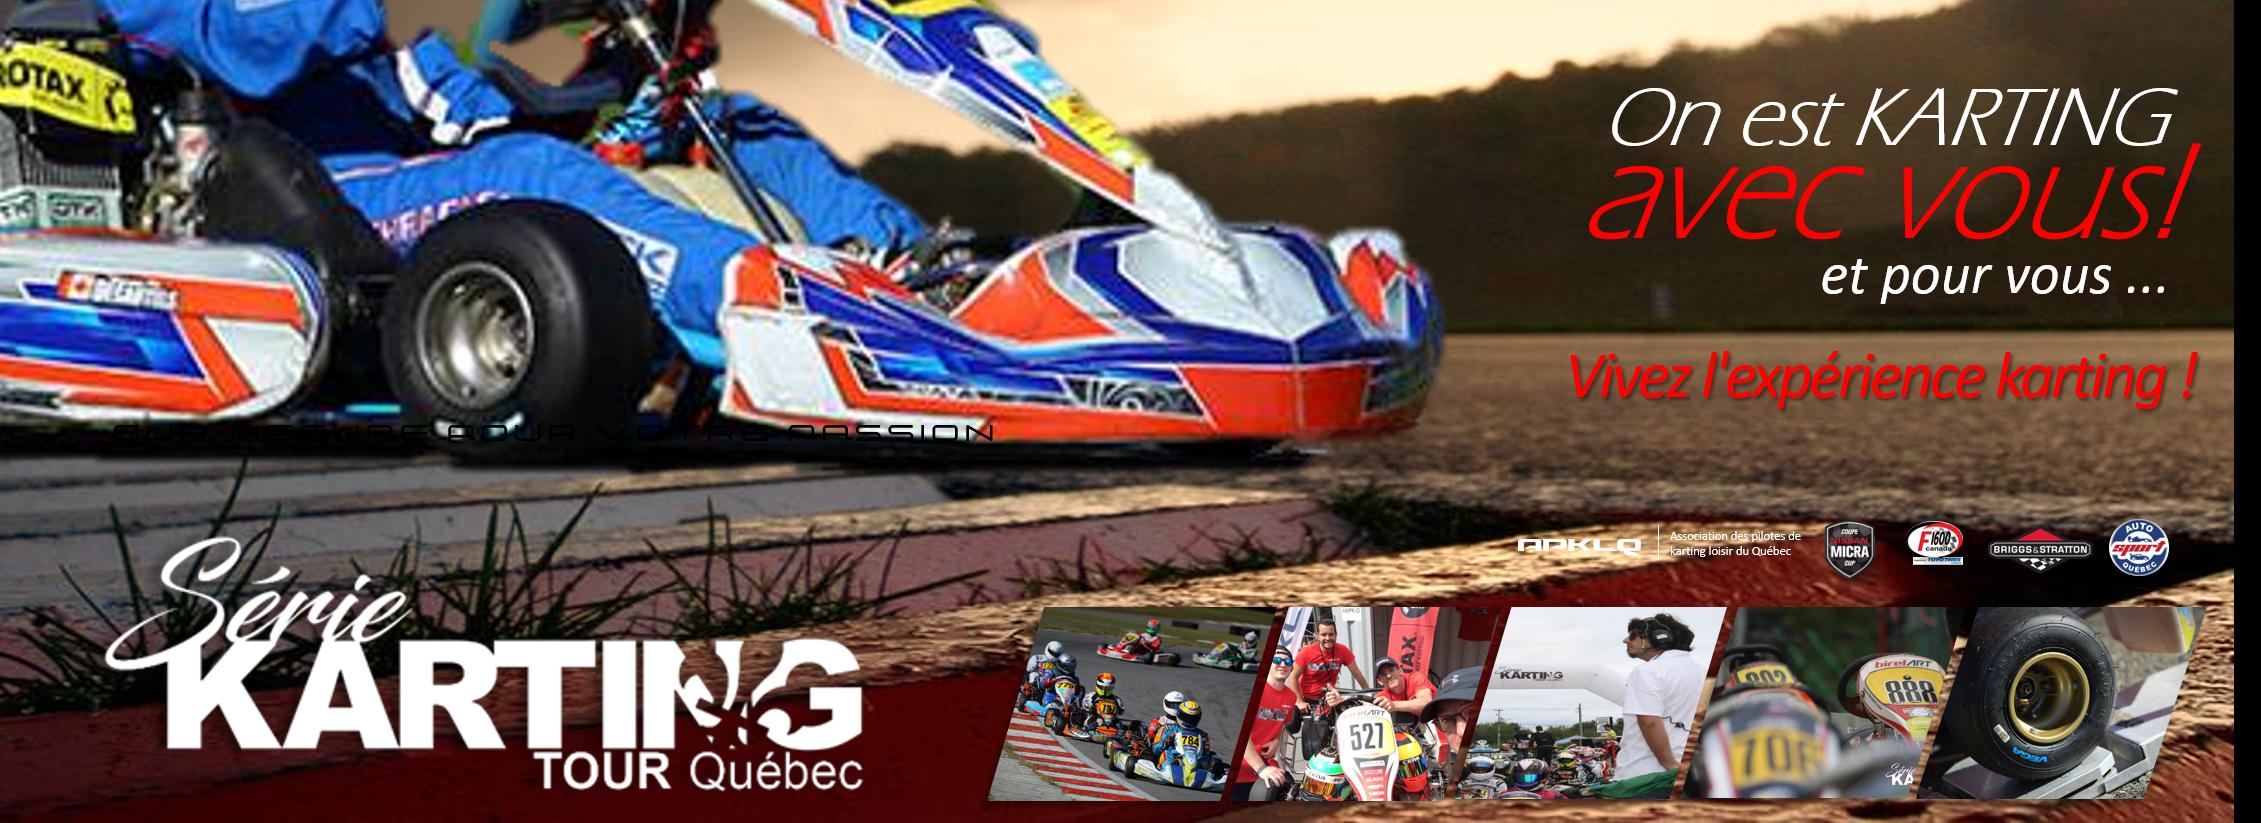 Série karting TOUR Québec